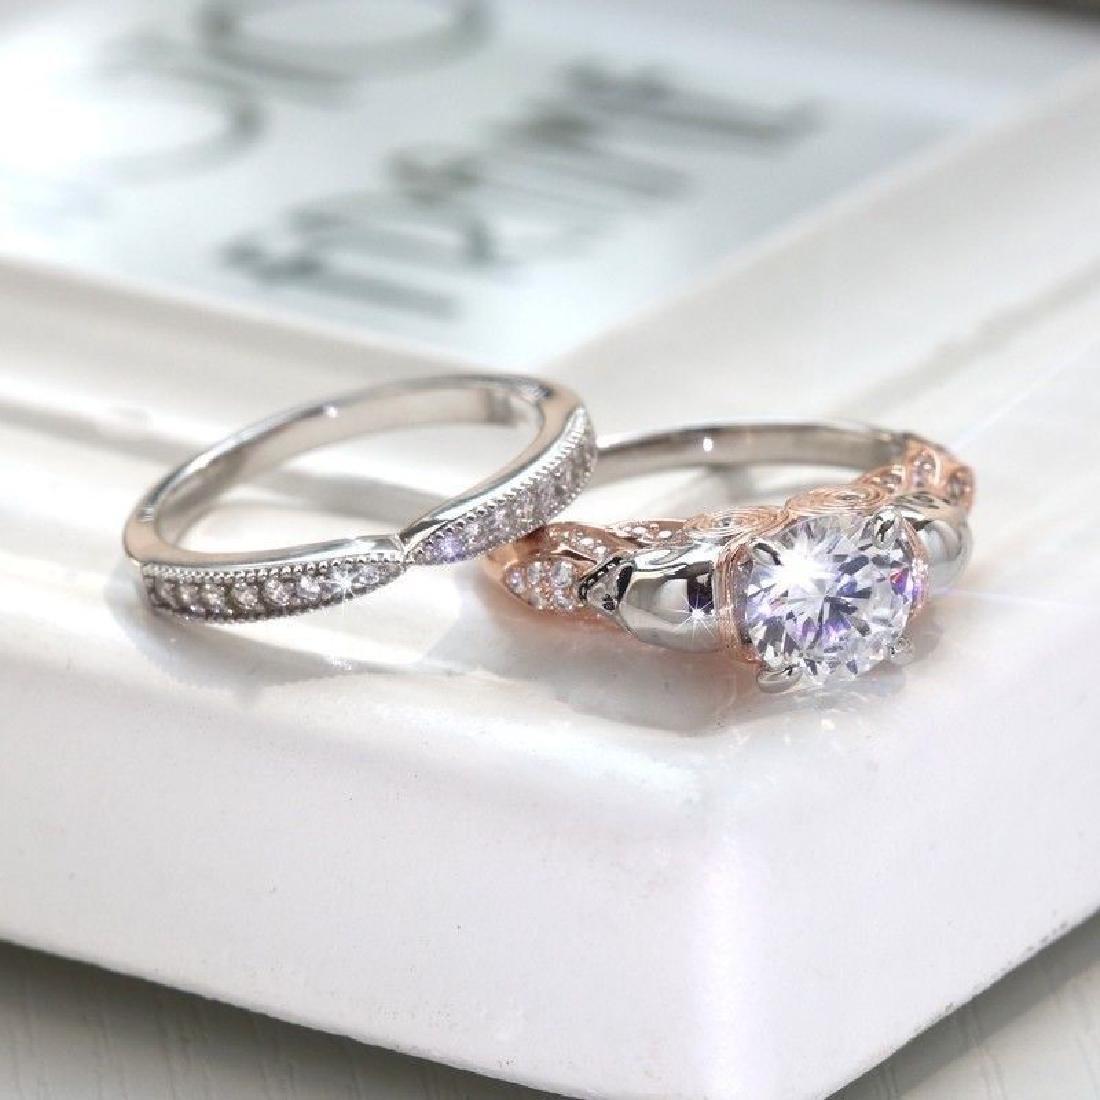 2Pcs/Set 925 Silver Ring 1.6Ct White Topaz Size 10 - 3